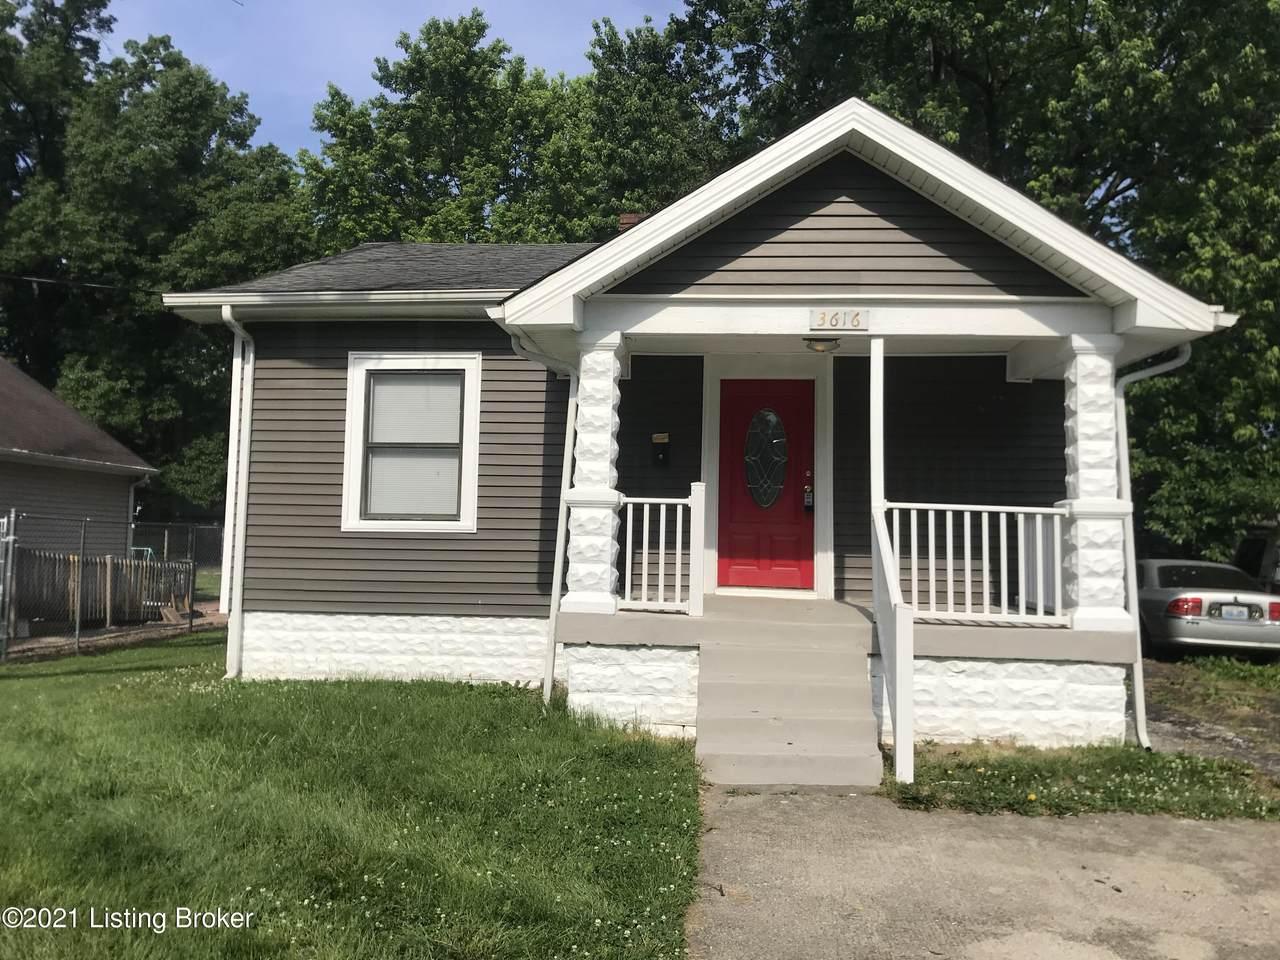 3616 Wheeler Ave - Photo 1